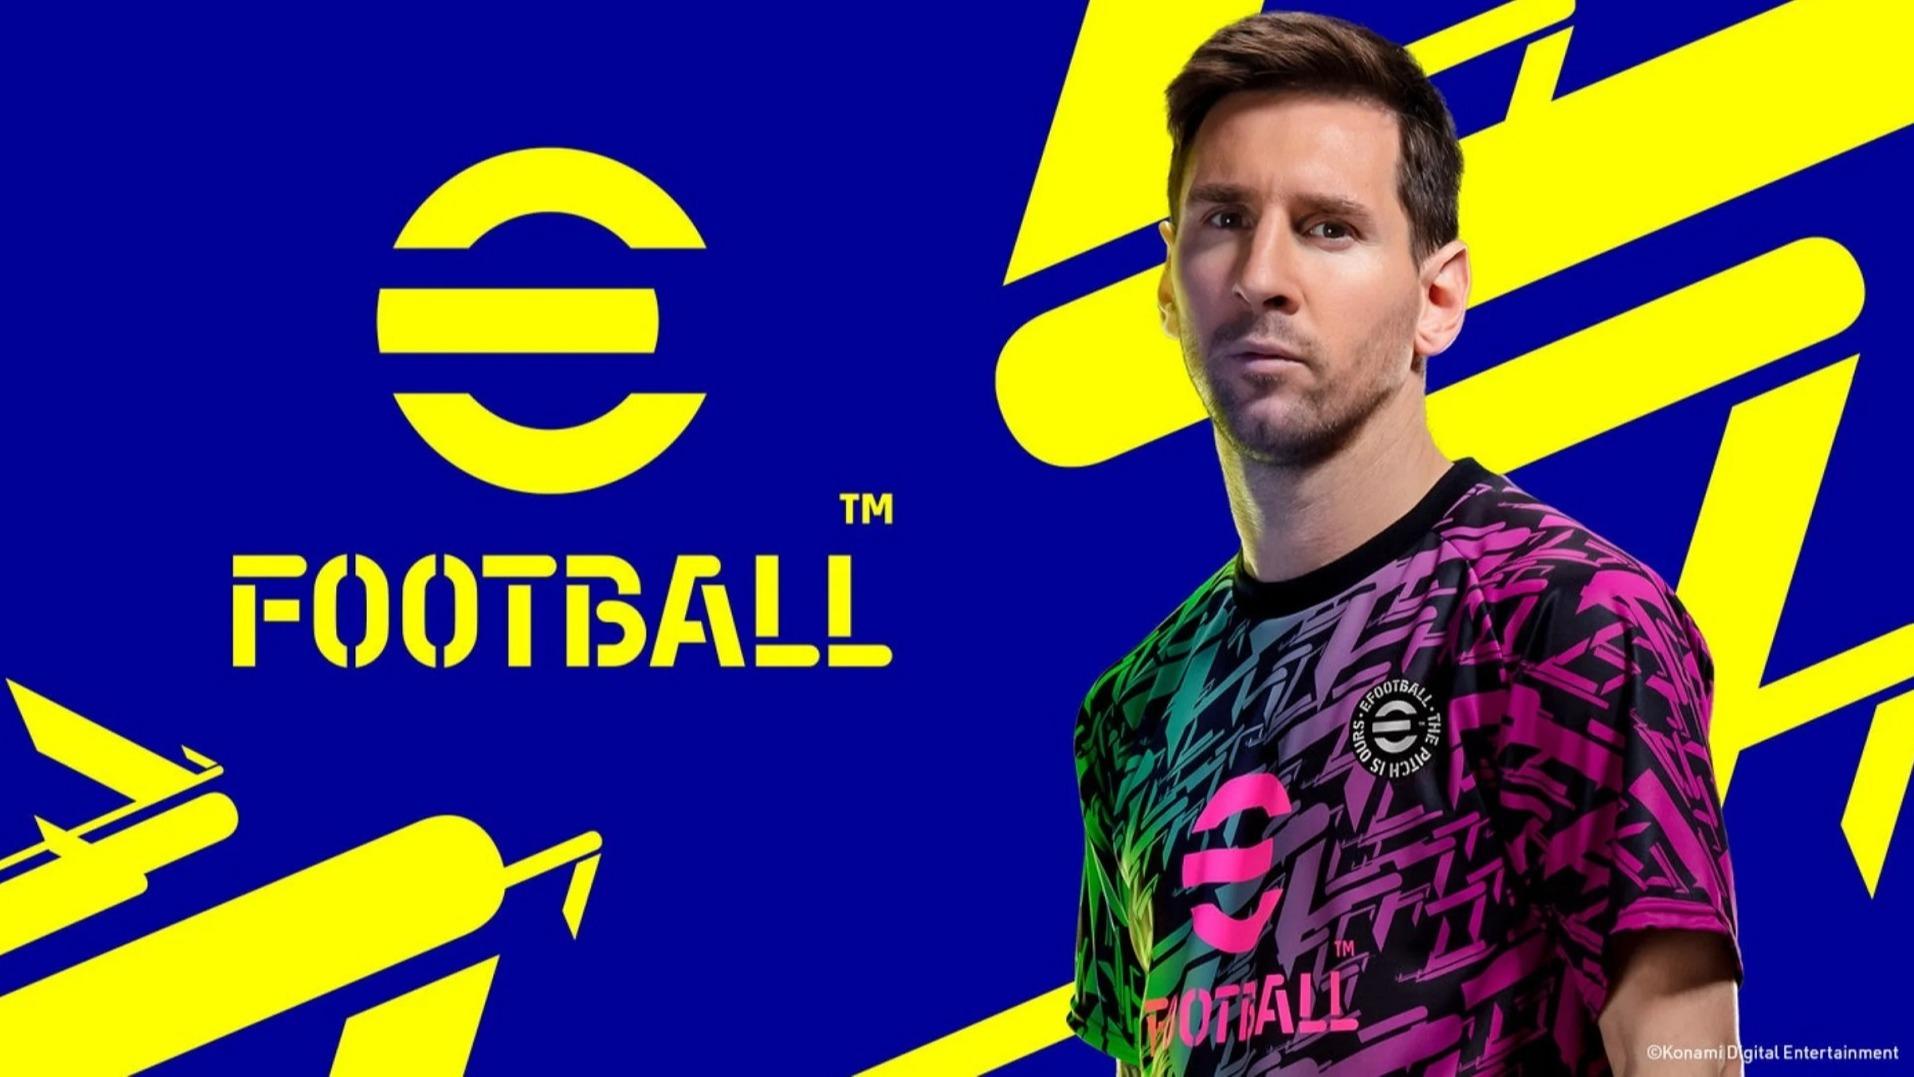 Konami vervangt PES met free-to-play voetbalspel eFootball